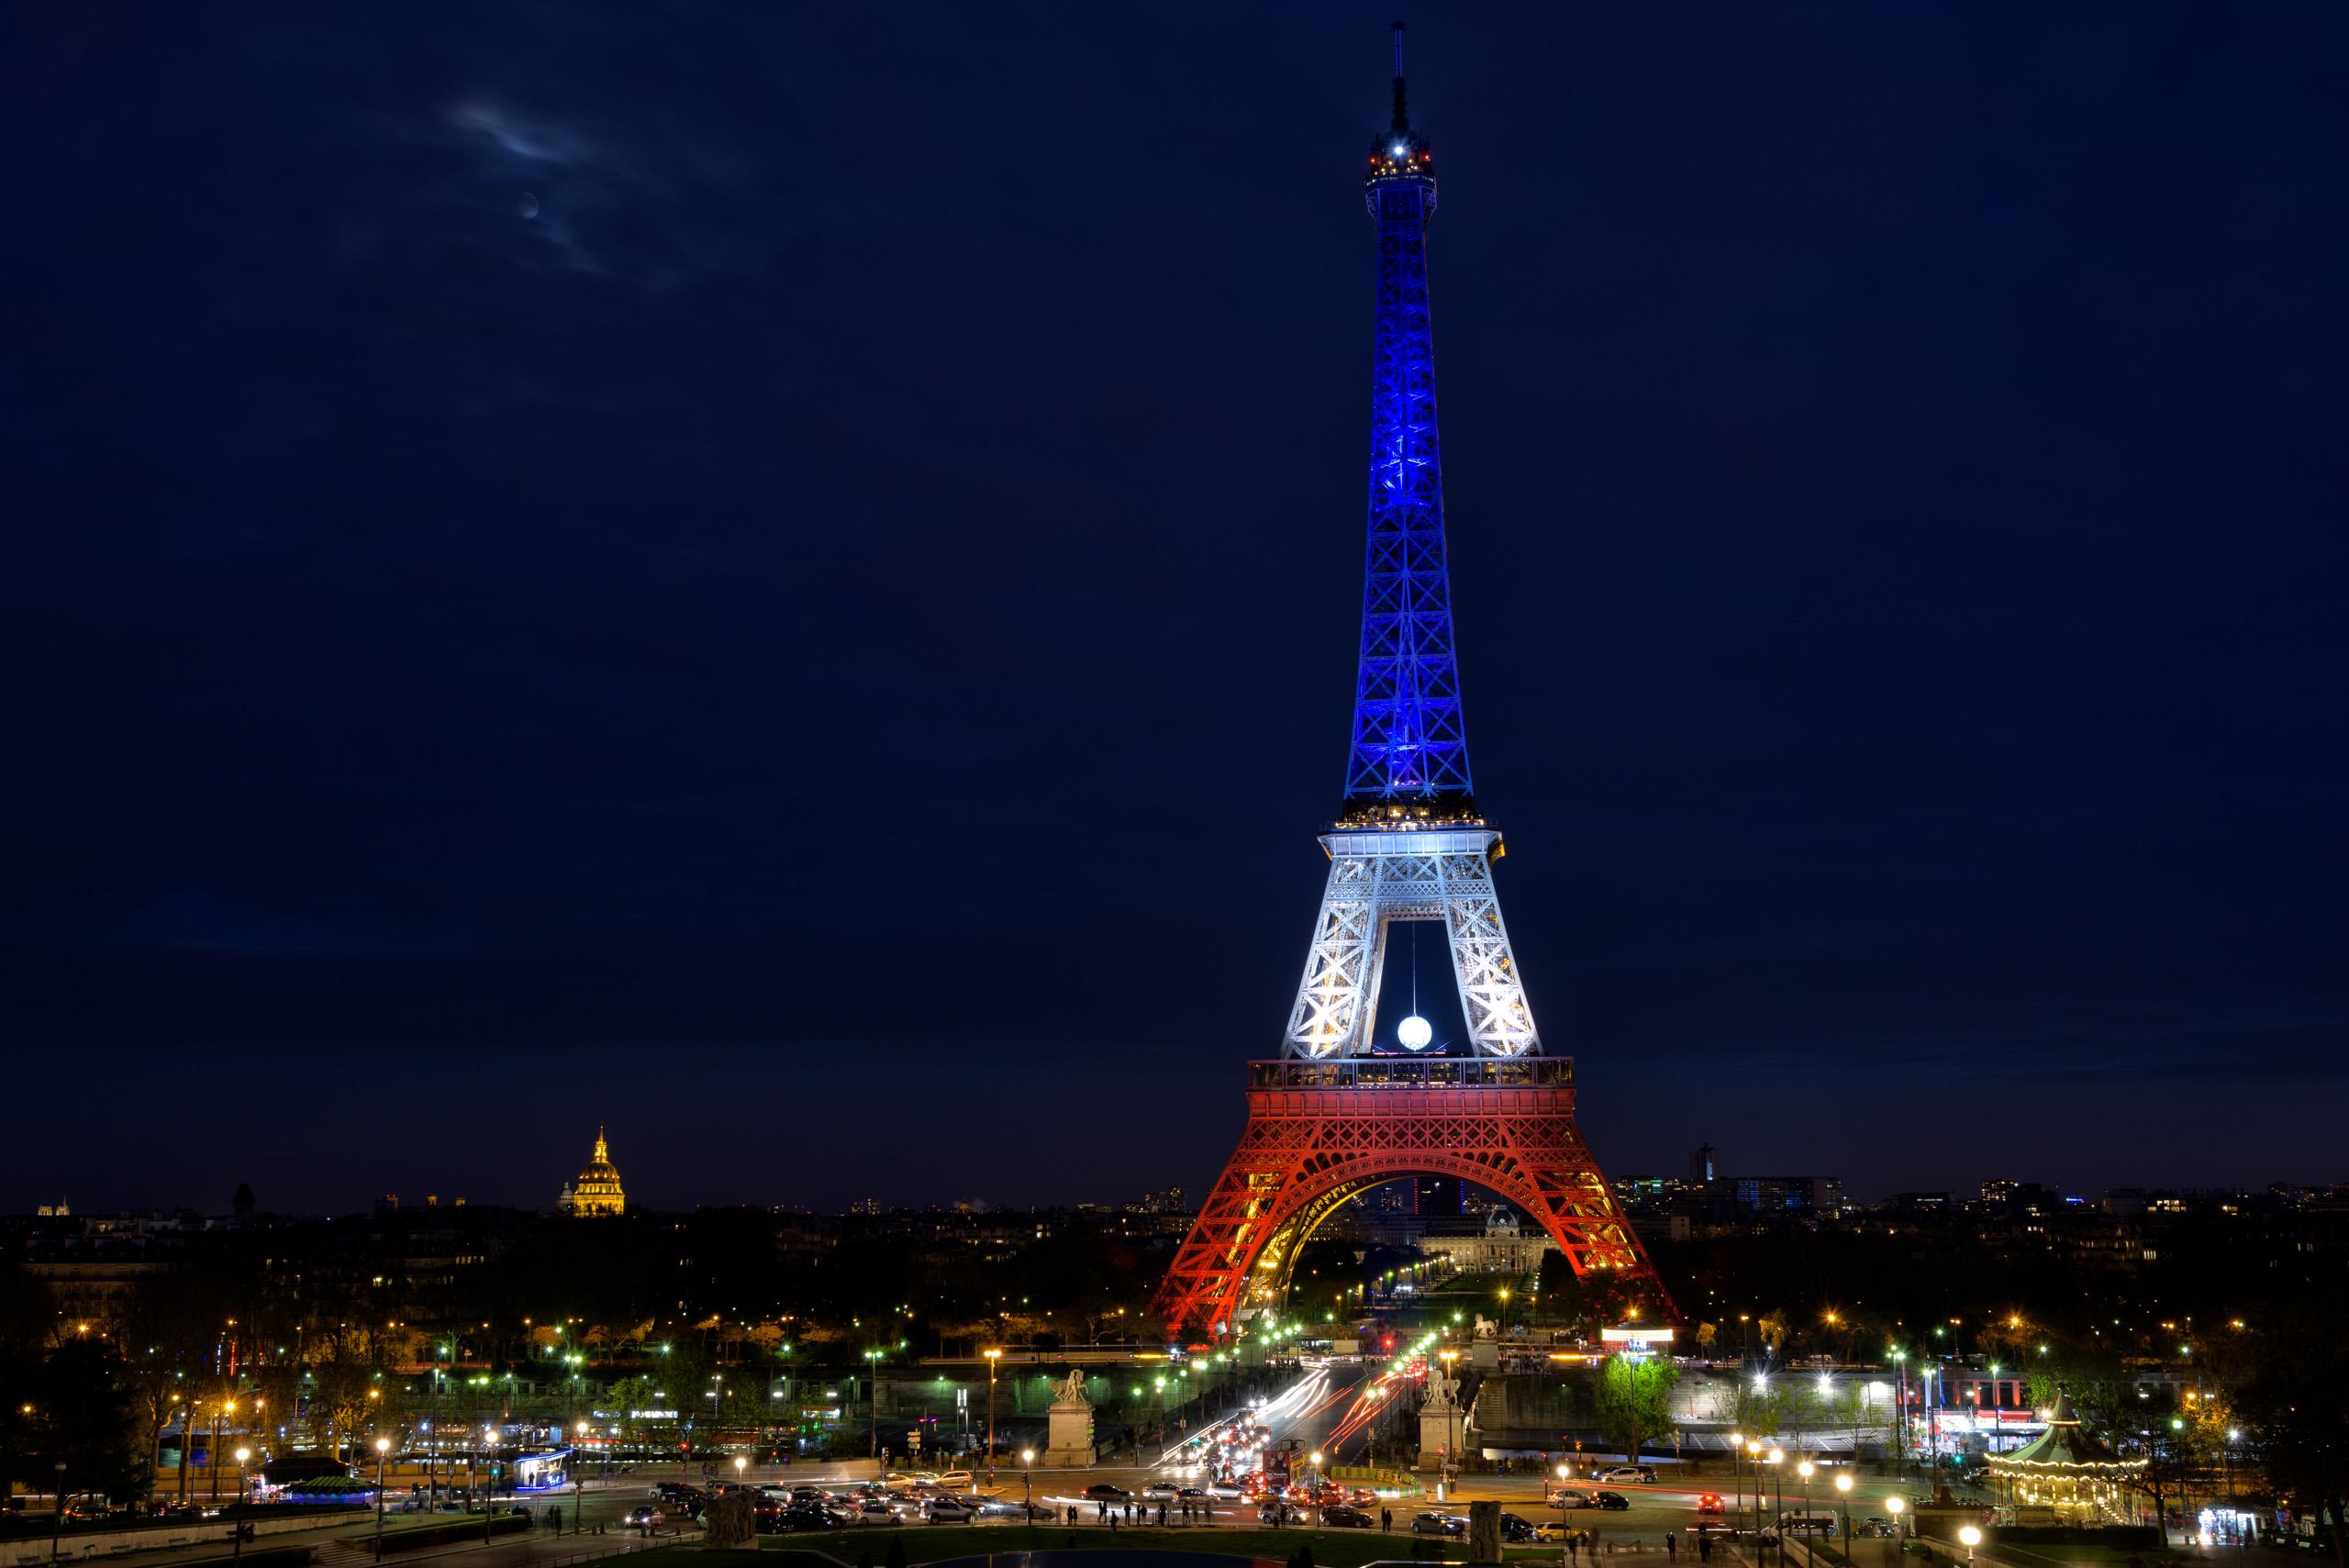 برج ایفل- Tour Eiffel